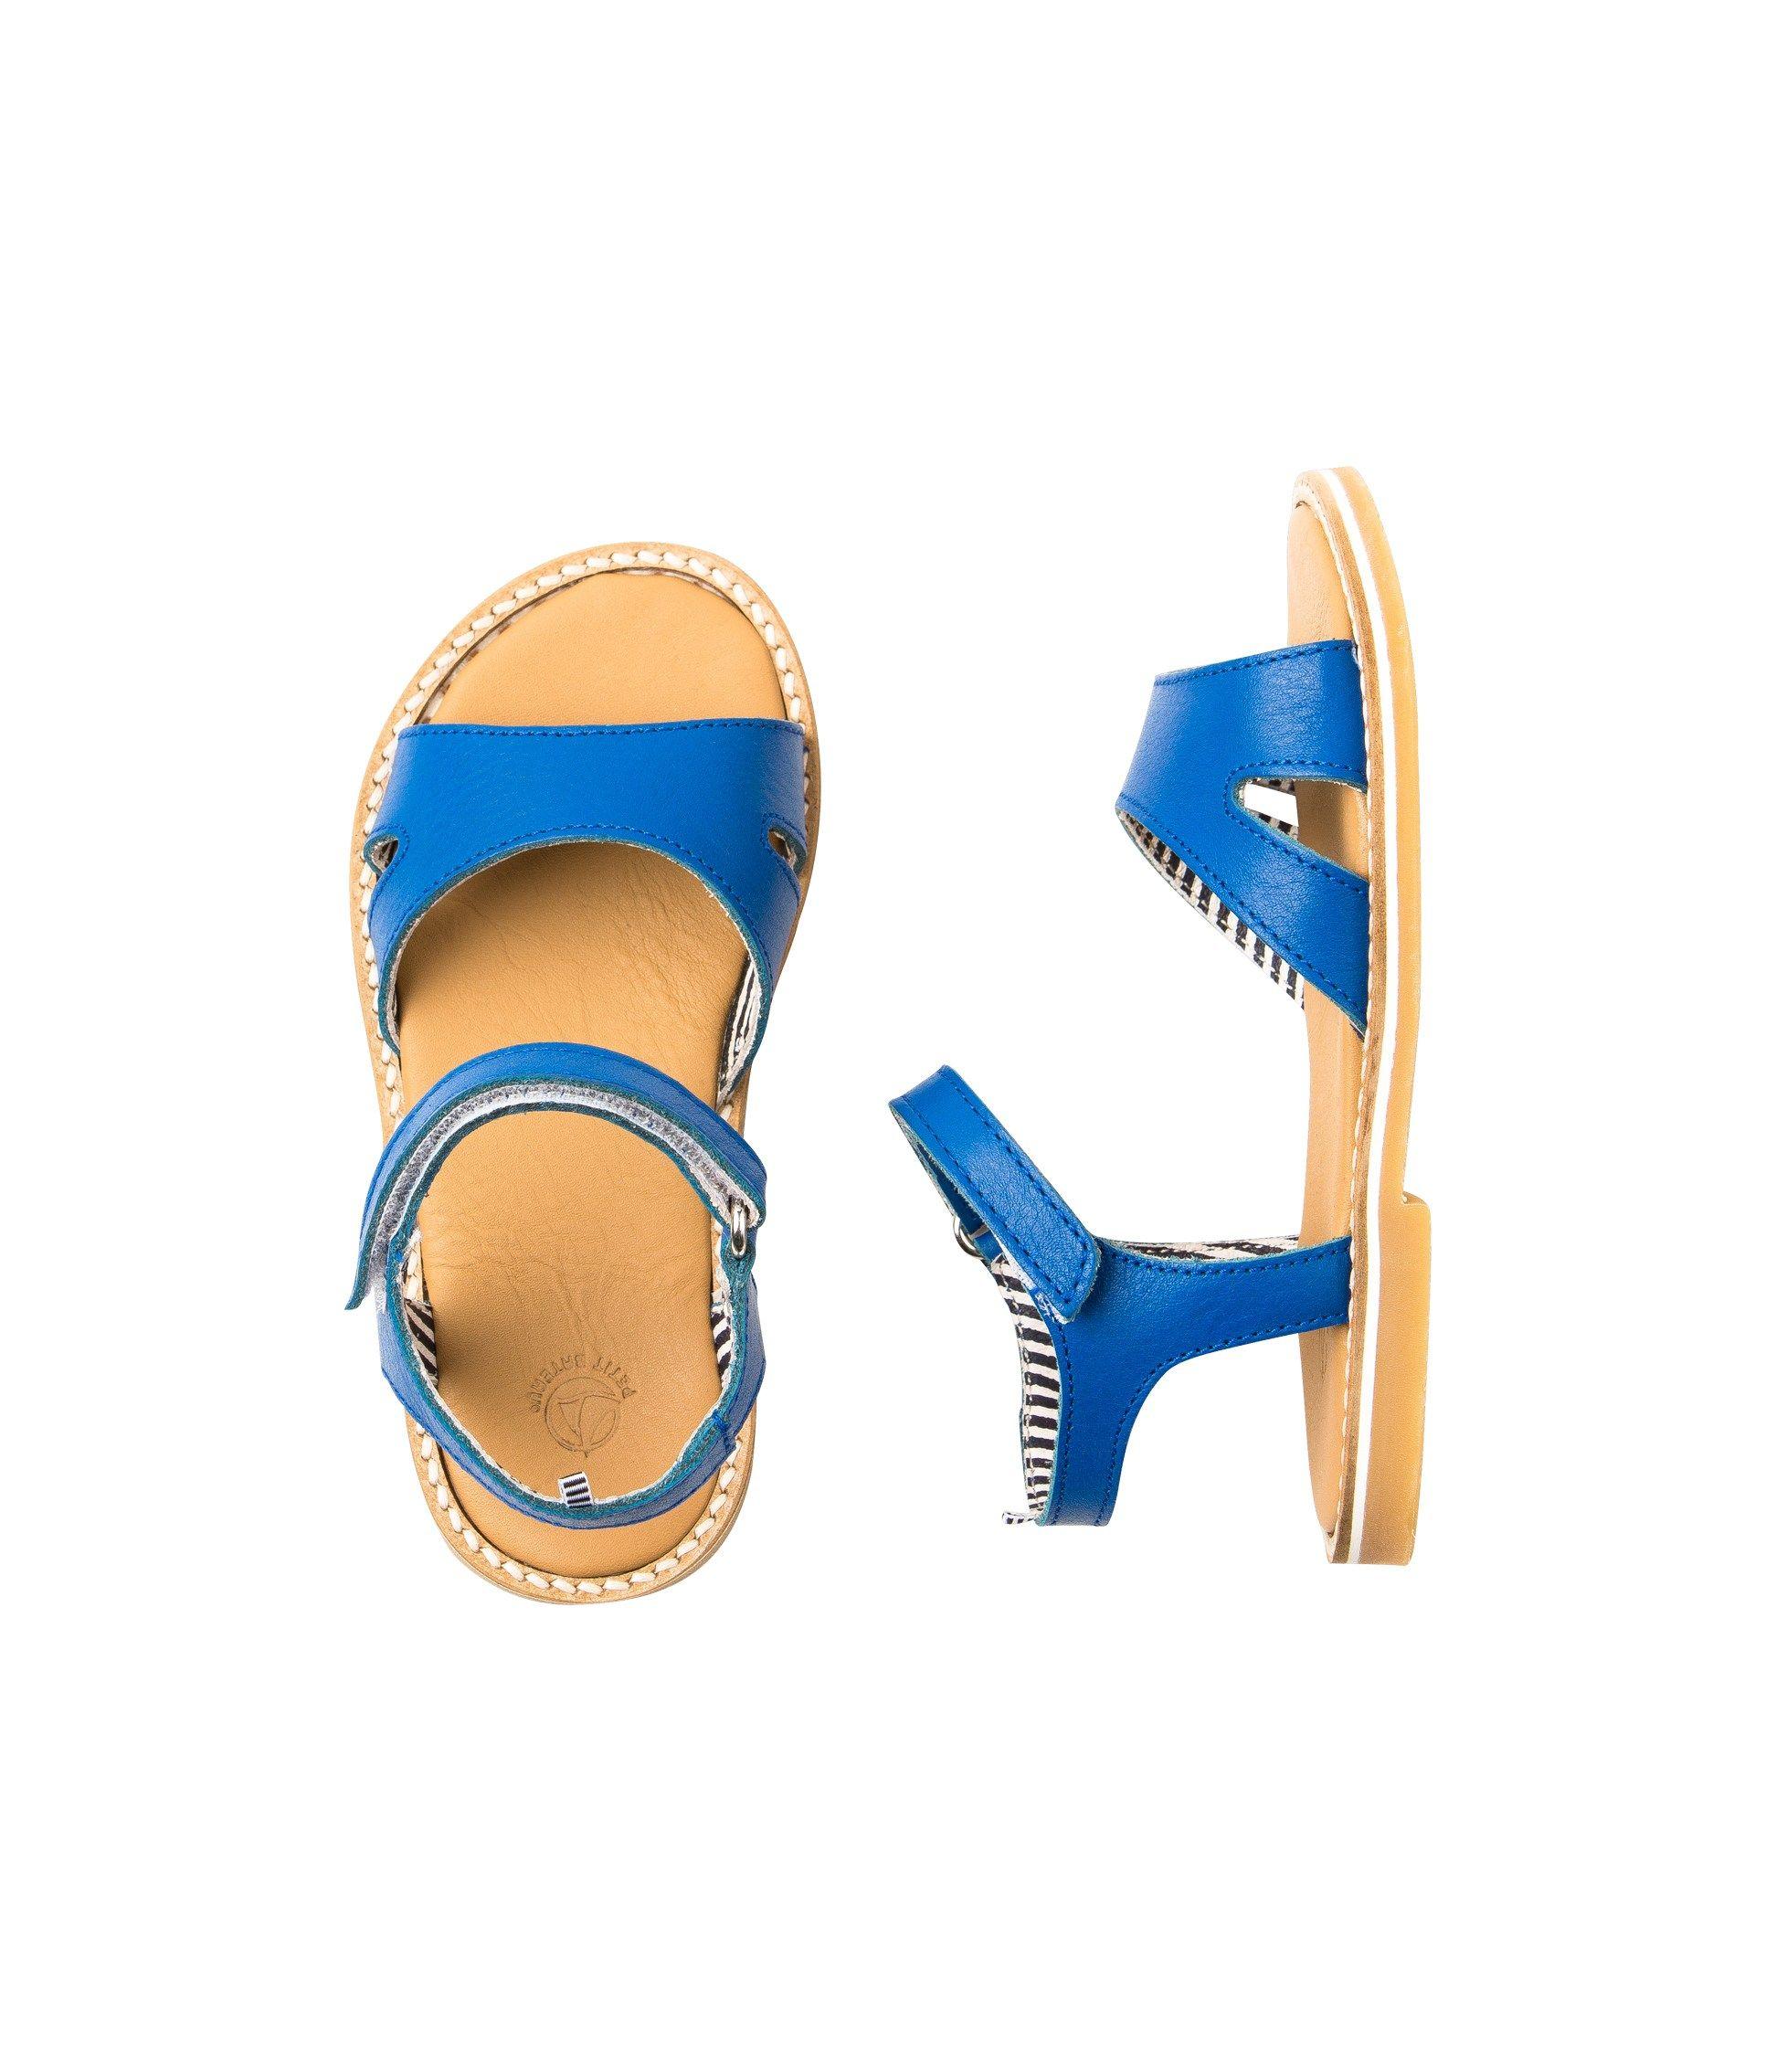 f8828ee0d Sandales fille en cuir à scratch bleu Surf - Petit Bateau ...